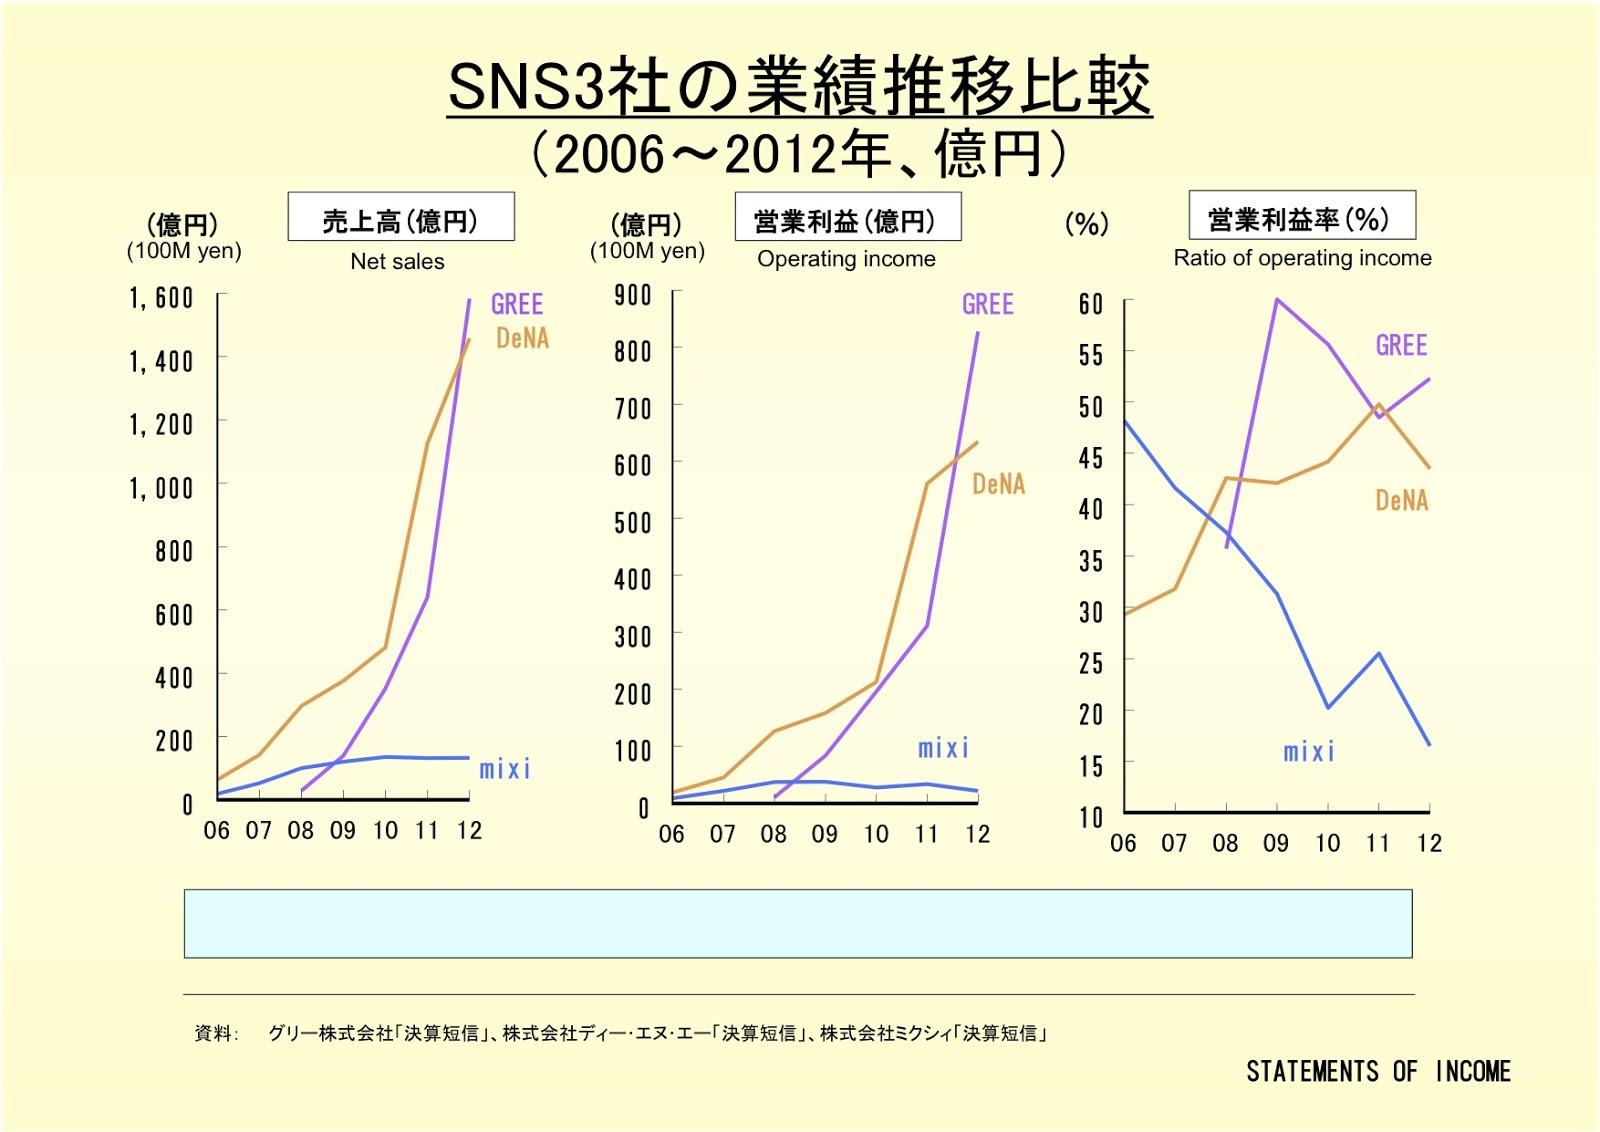 株式会社DeNAと他SNS社の業績推移比較